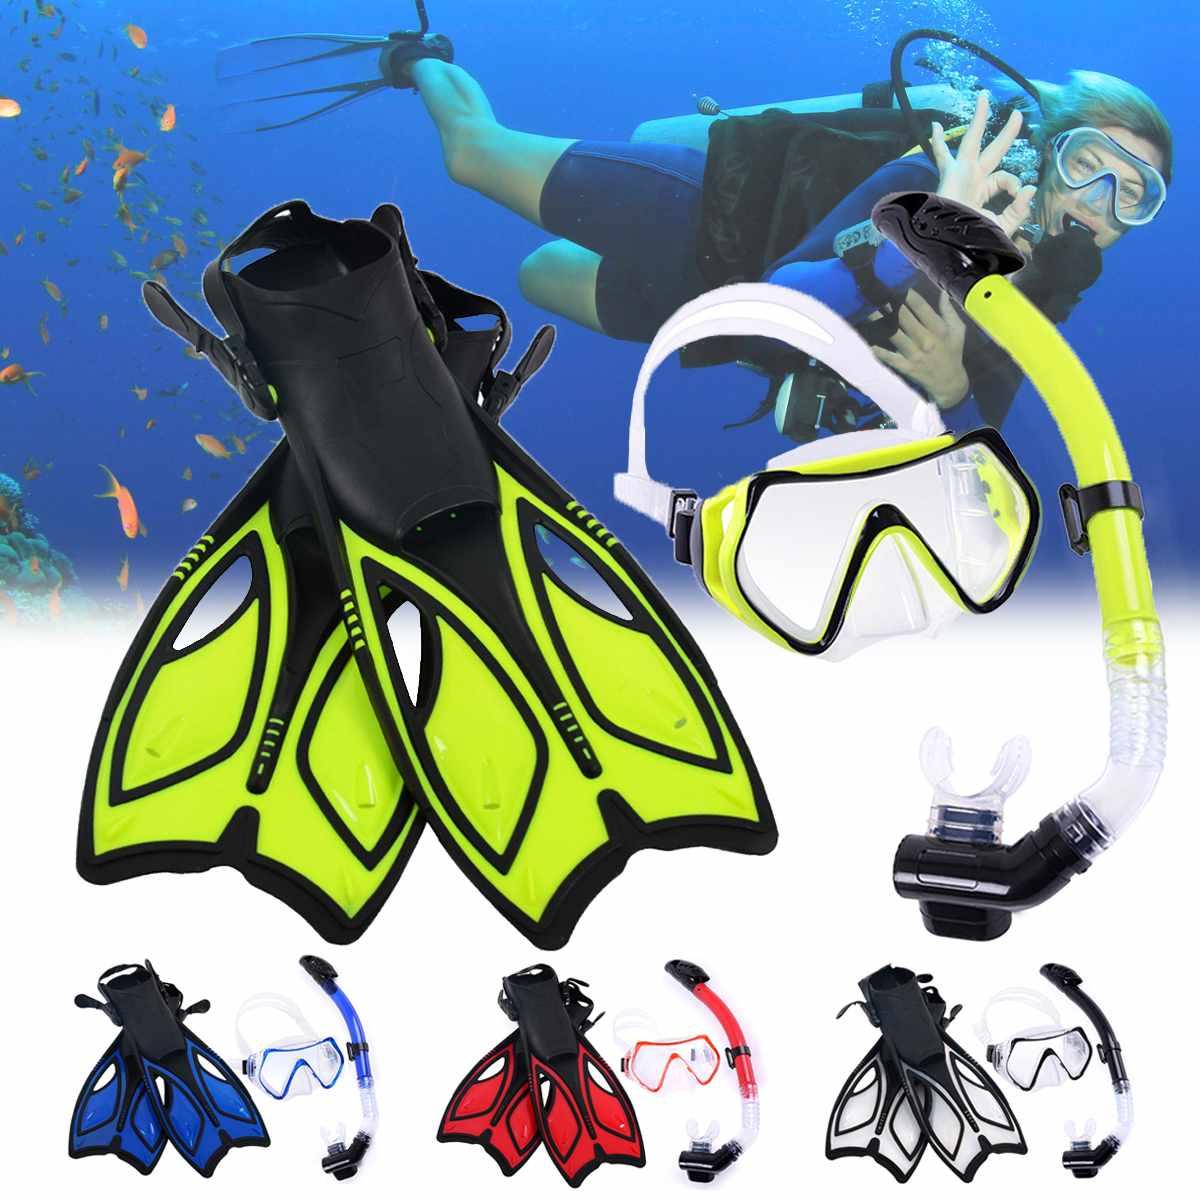 Masque de plongée en Silicone lunettes de natation plongée sous-marine masques de plongée tuba palmes de plongée ensemble adulte 3 pièces équipement de plongée